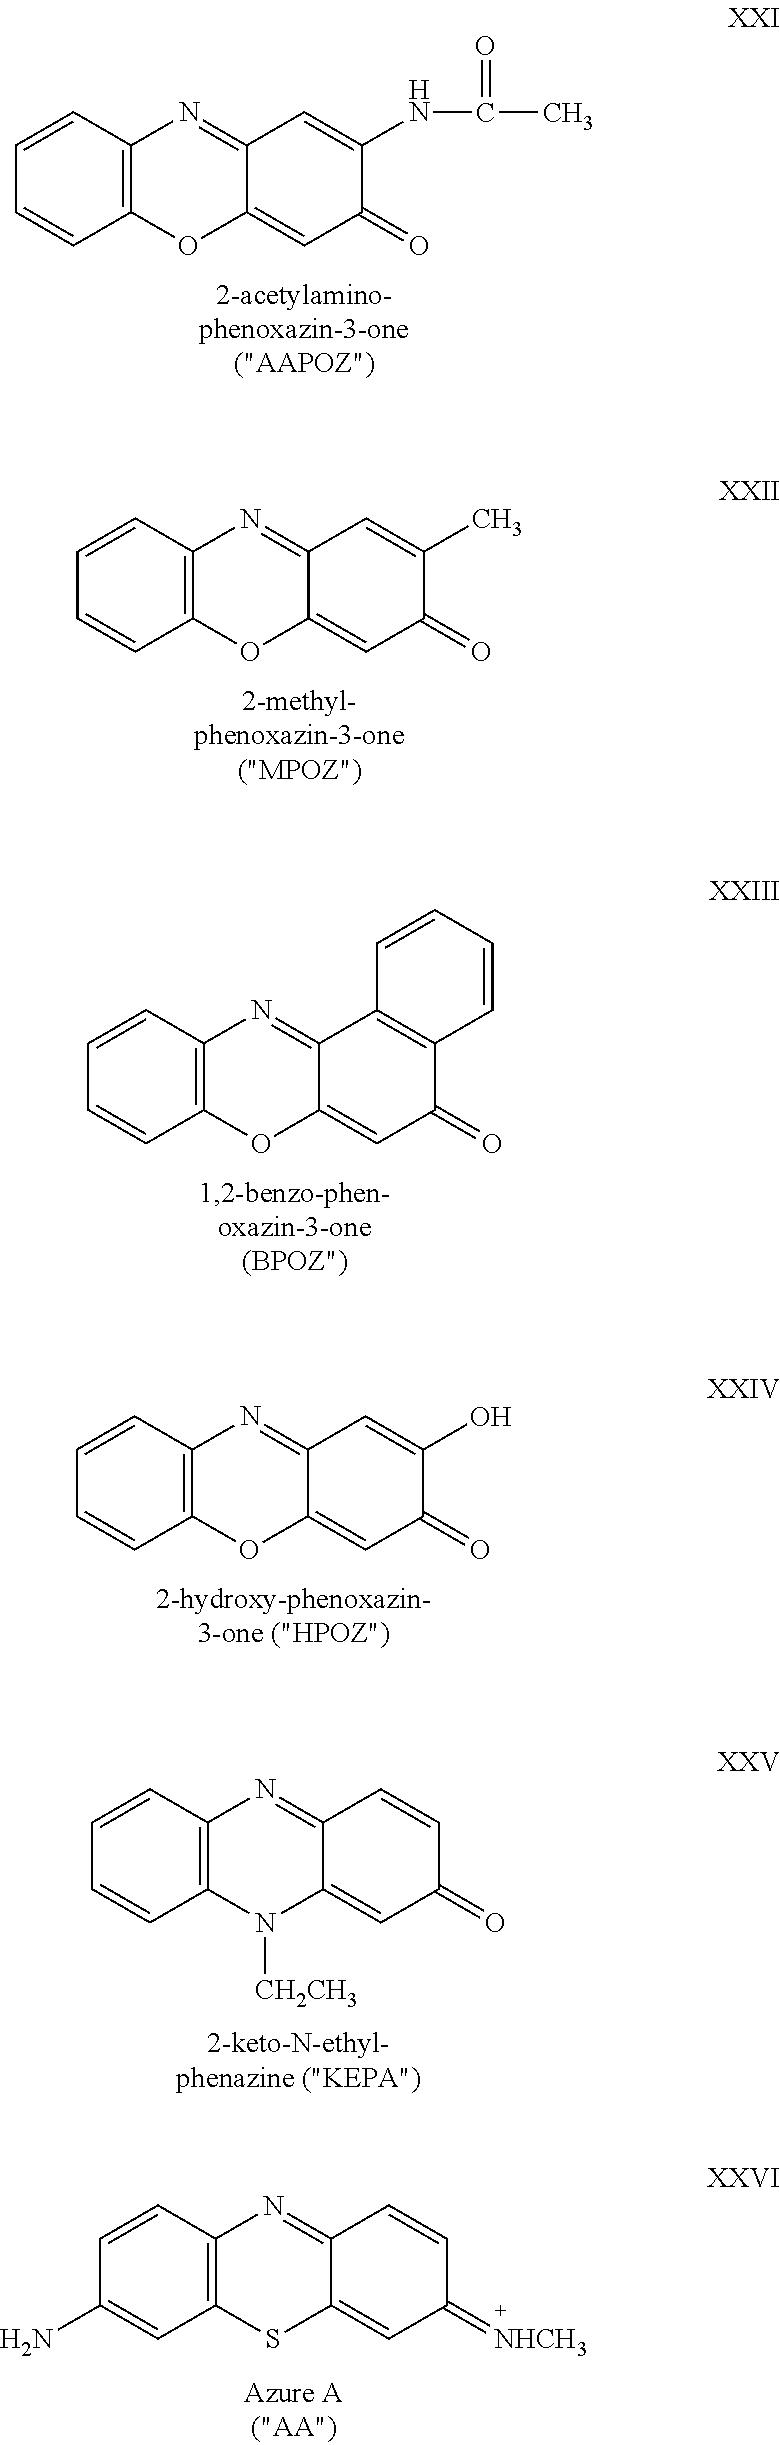 Figure US08610992-20131217-C00021